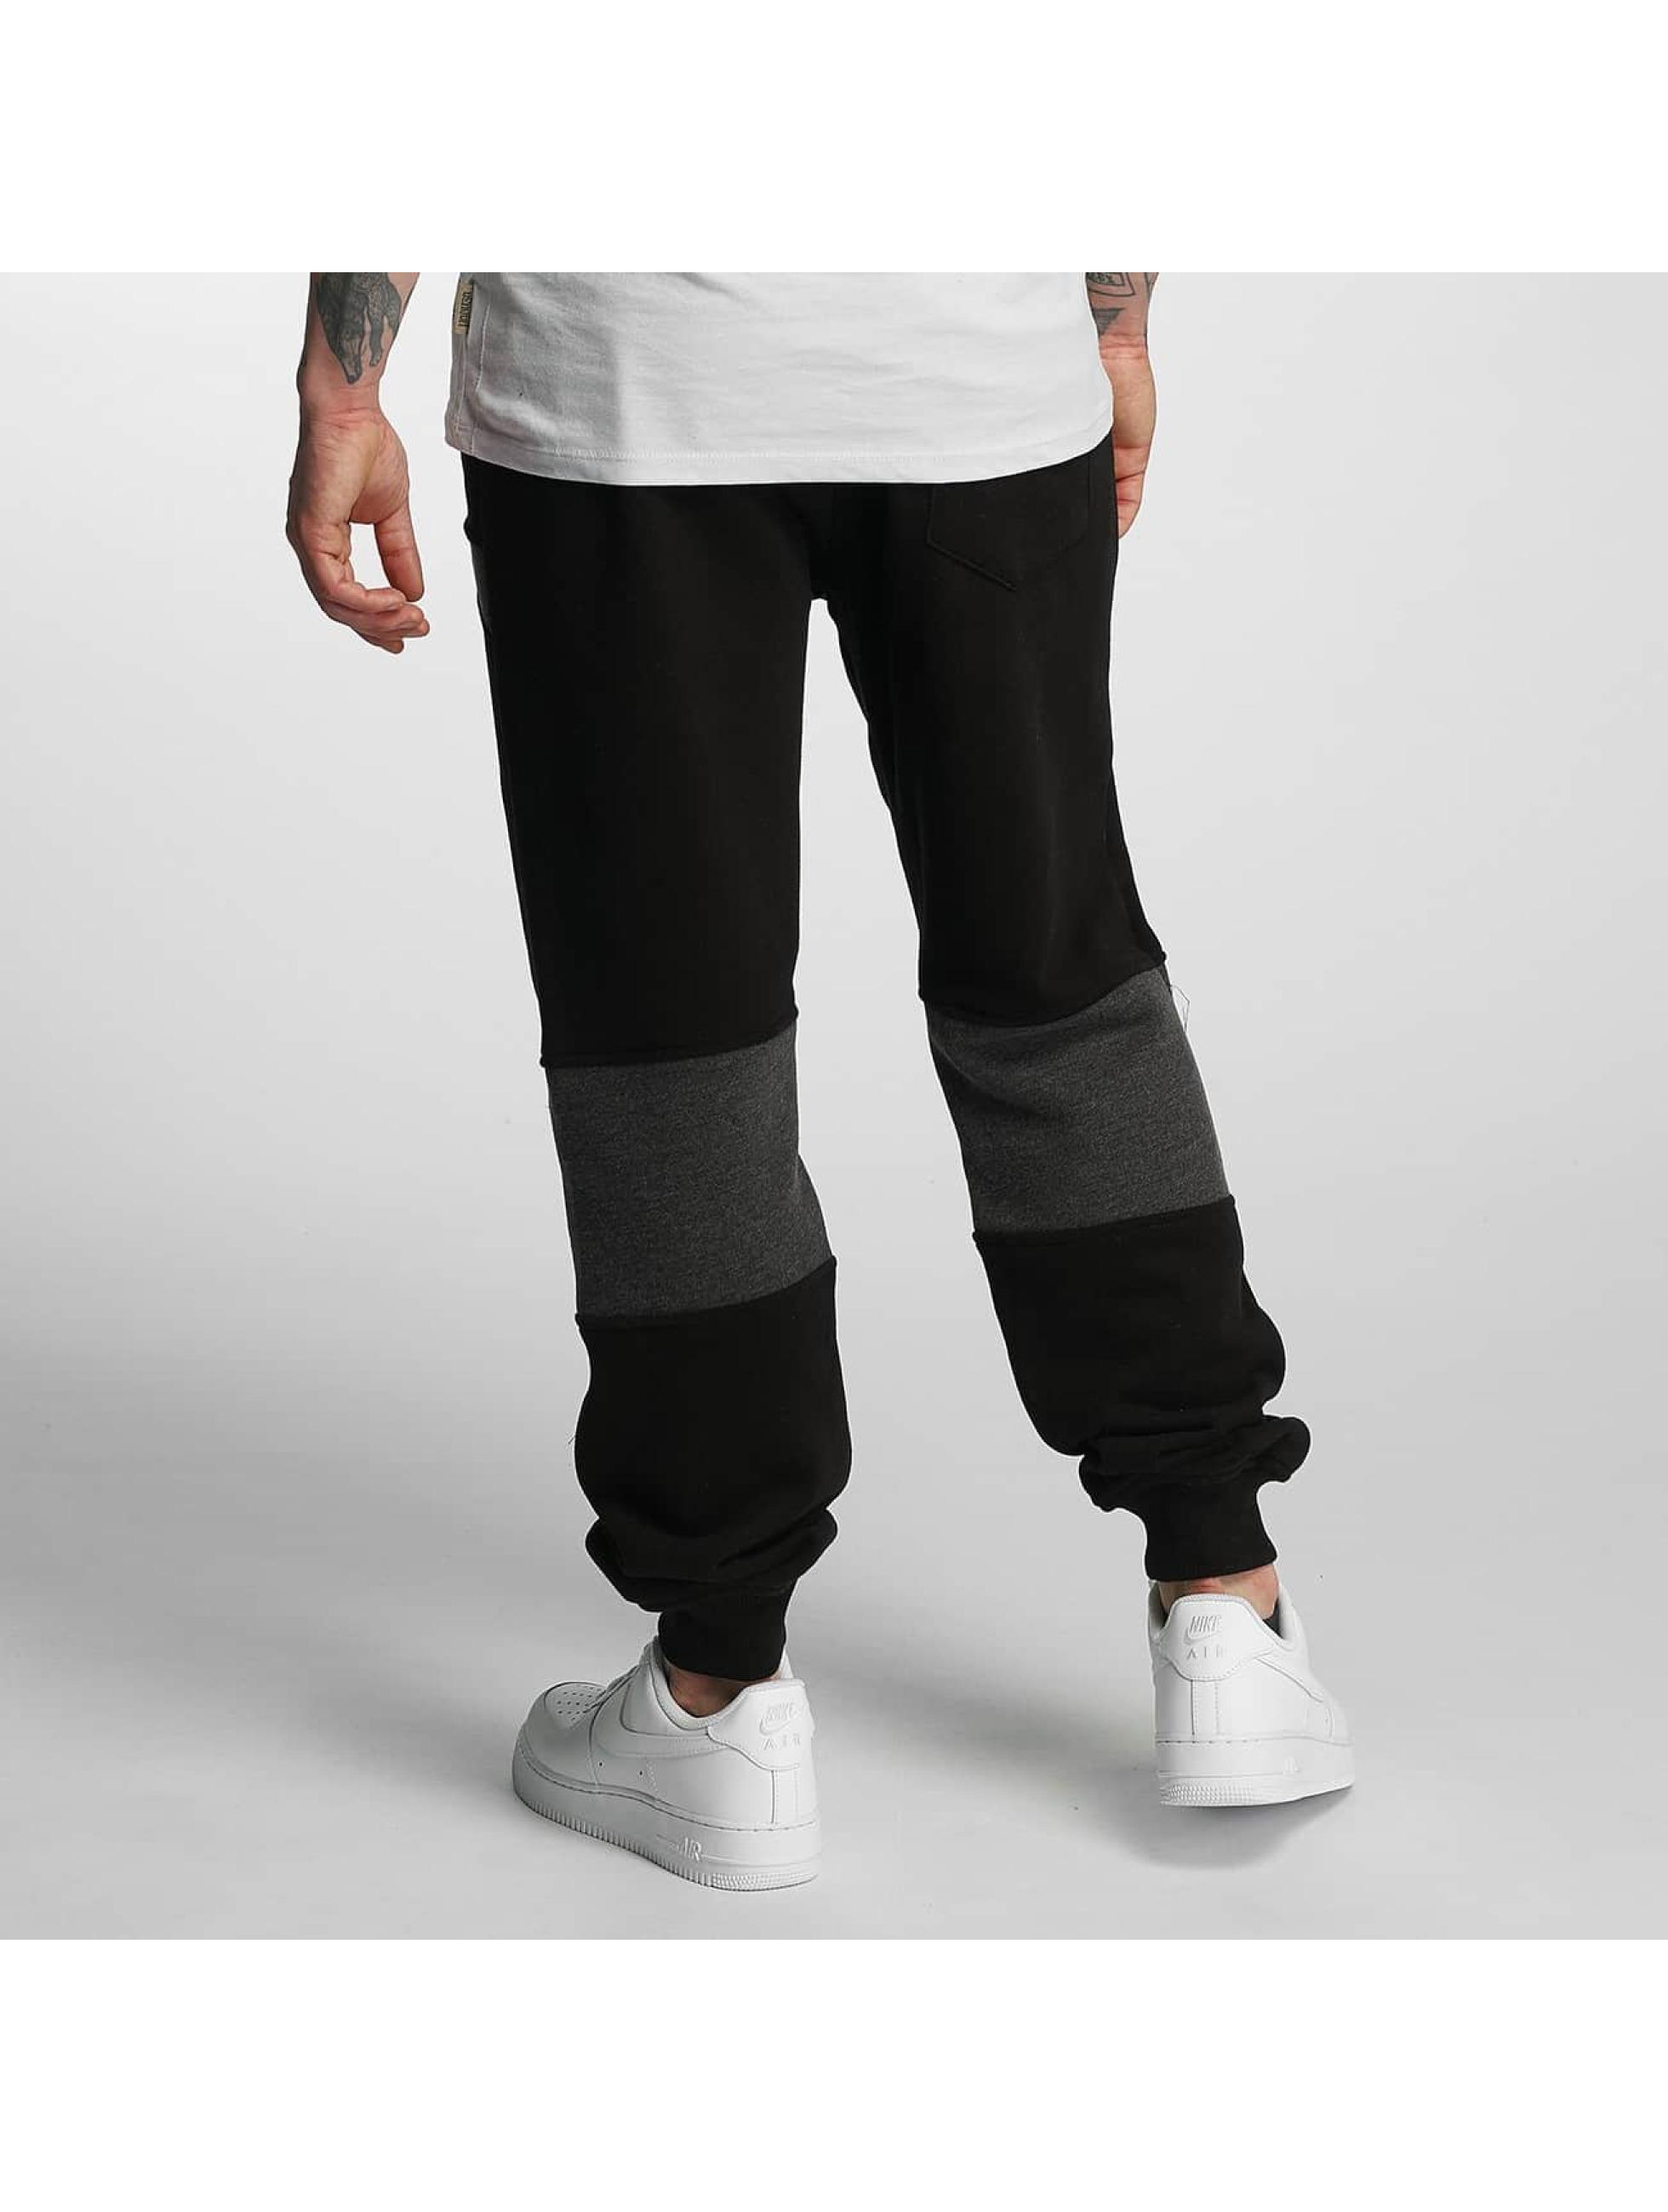 Yakuza Pantalone ginnico Warrior nero